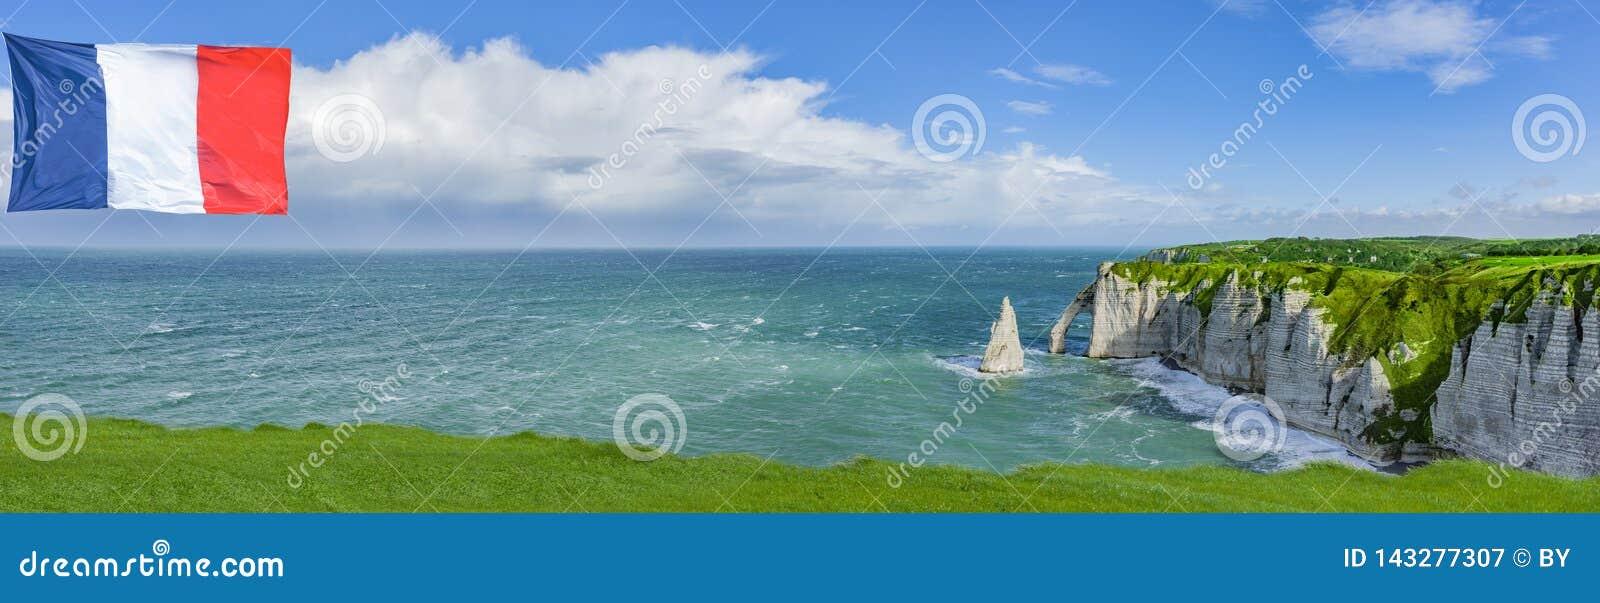 Klippen von Normandie